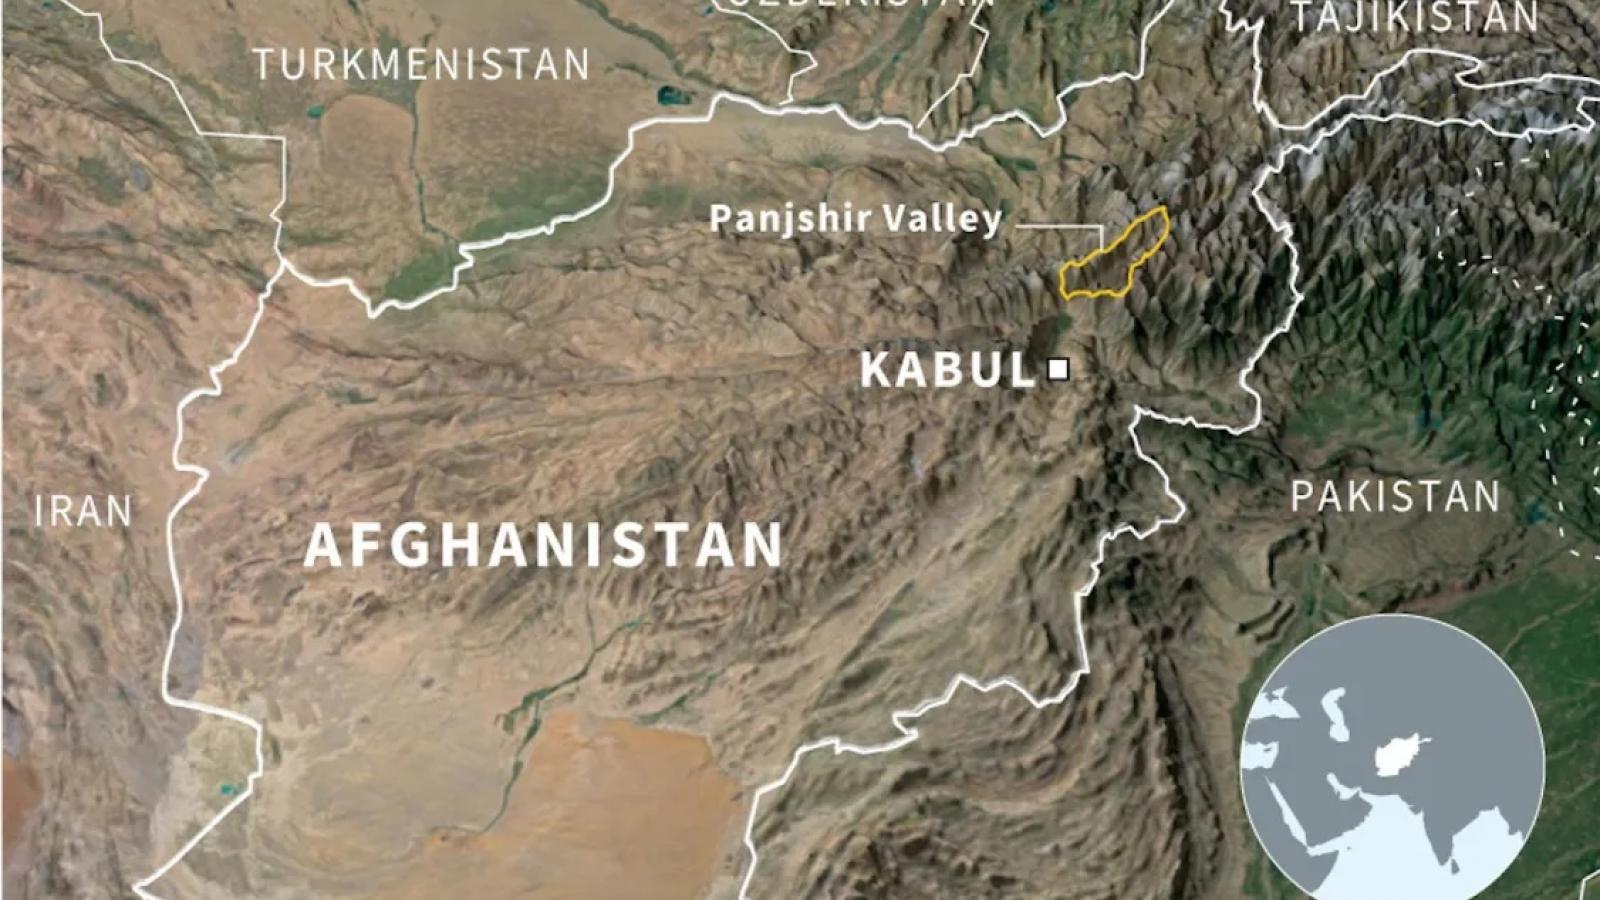 Nỗ lực kháng chiến ở Panjshir chống lại Taliban chỉ là ảo tưởng?